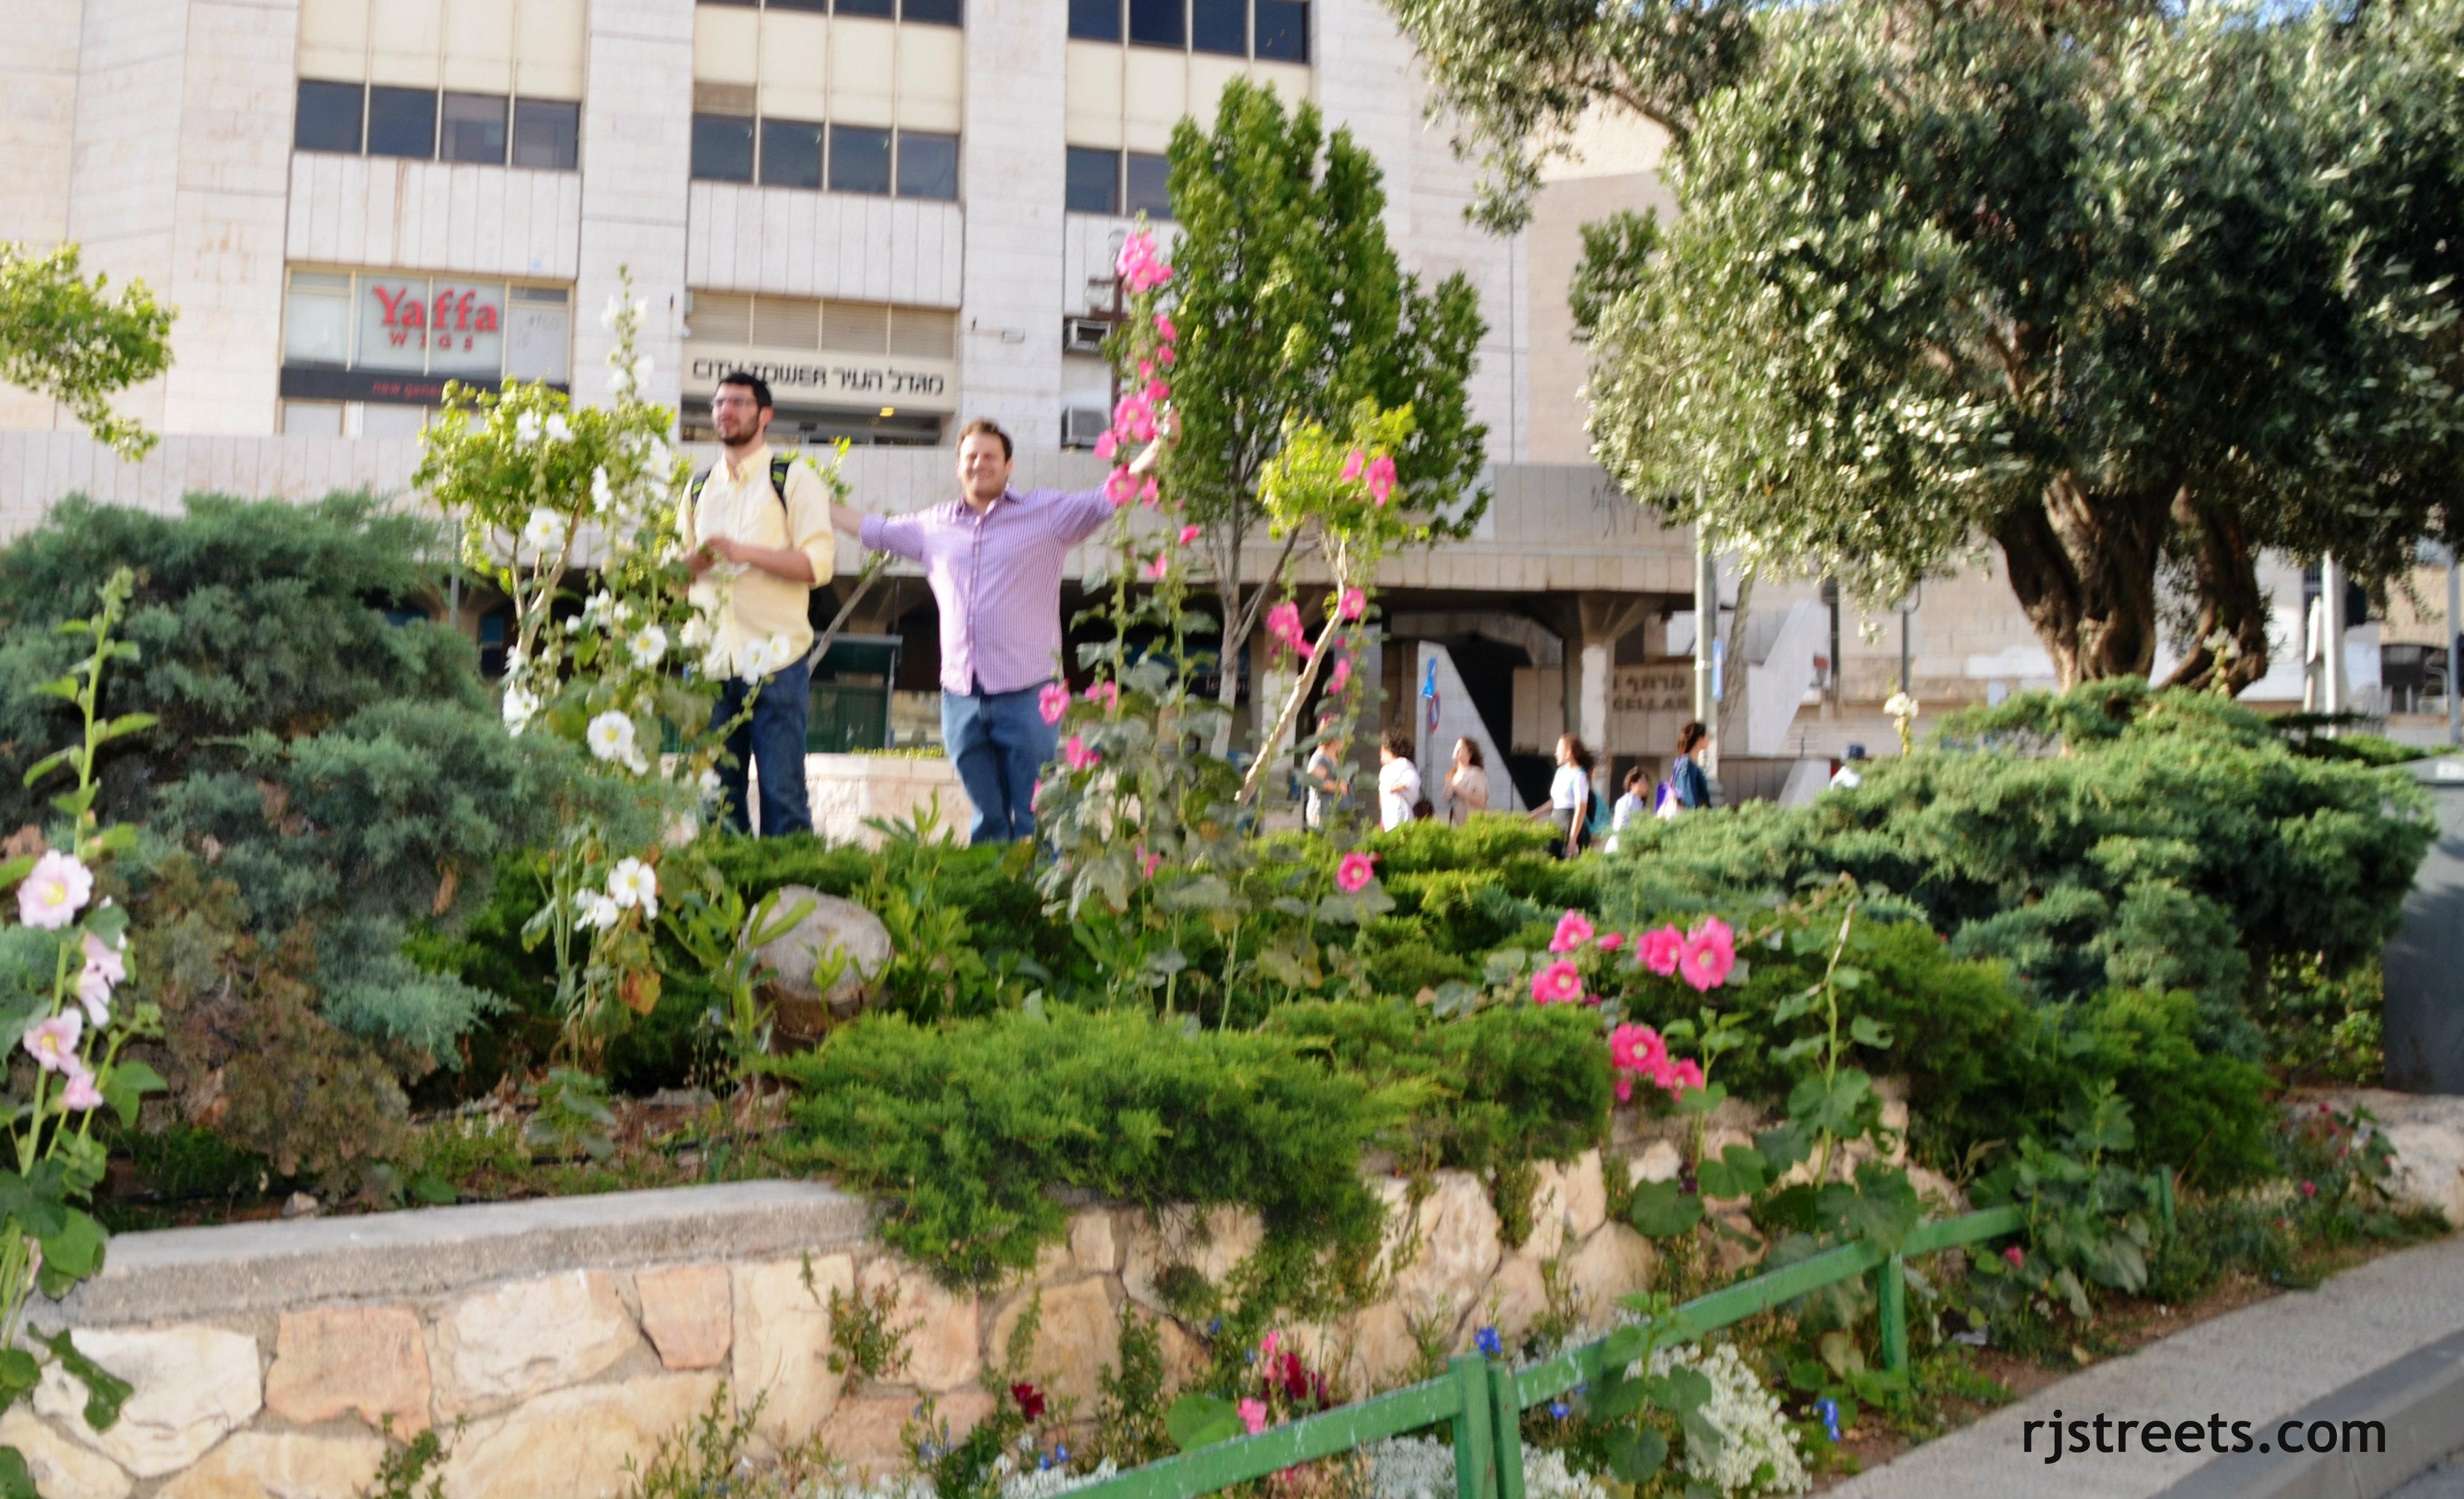 DSC_5281b Jerusalem Day